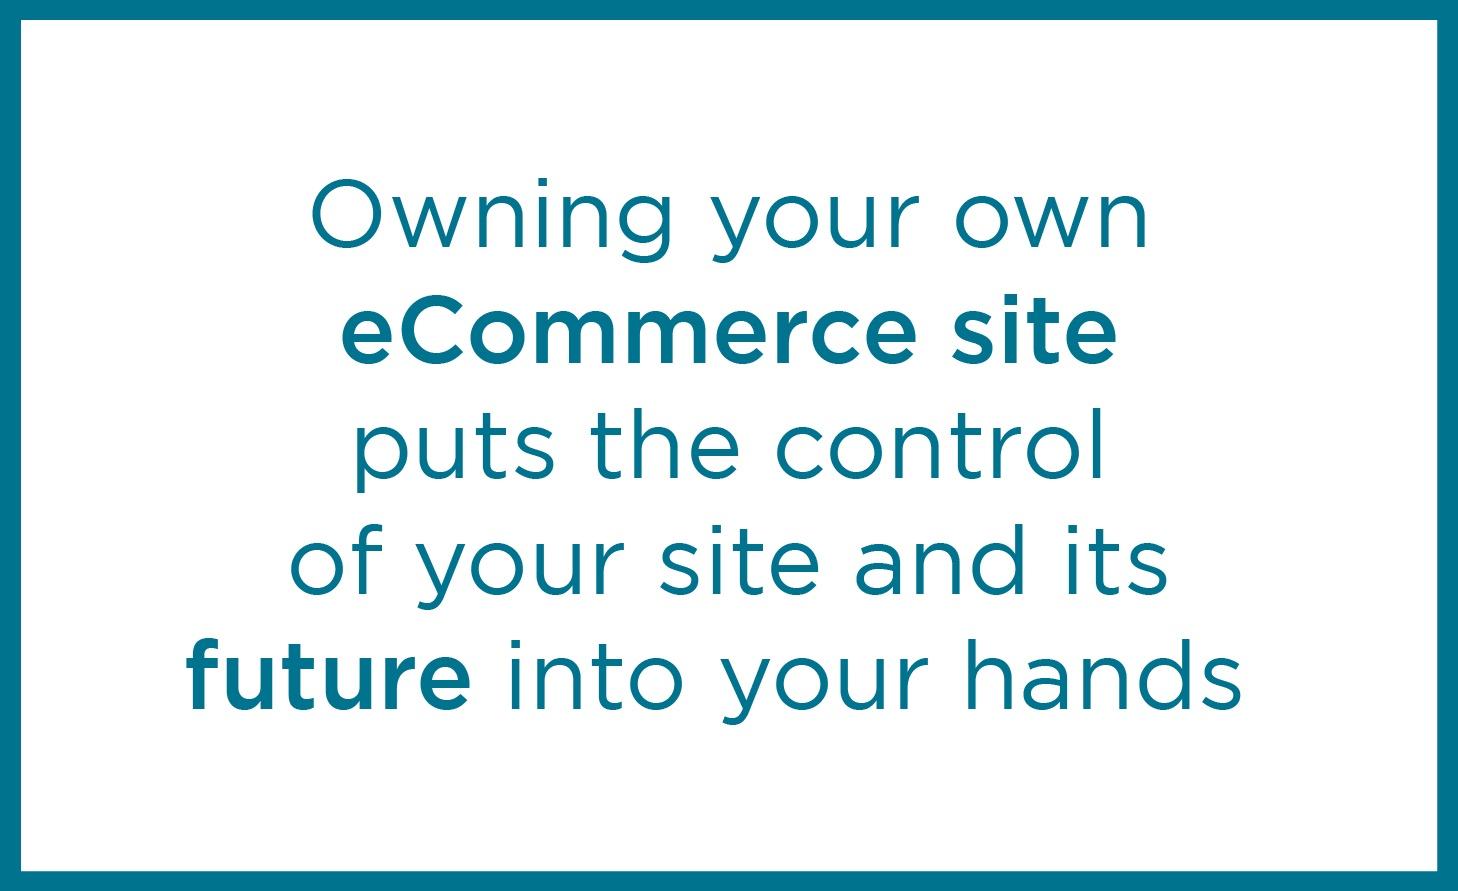 own-ecommerce.jpg